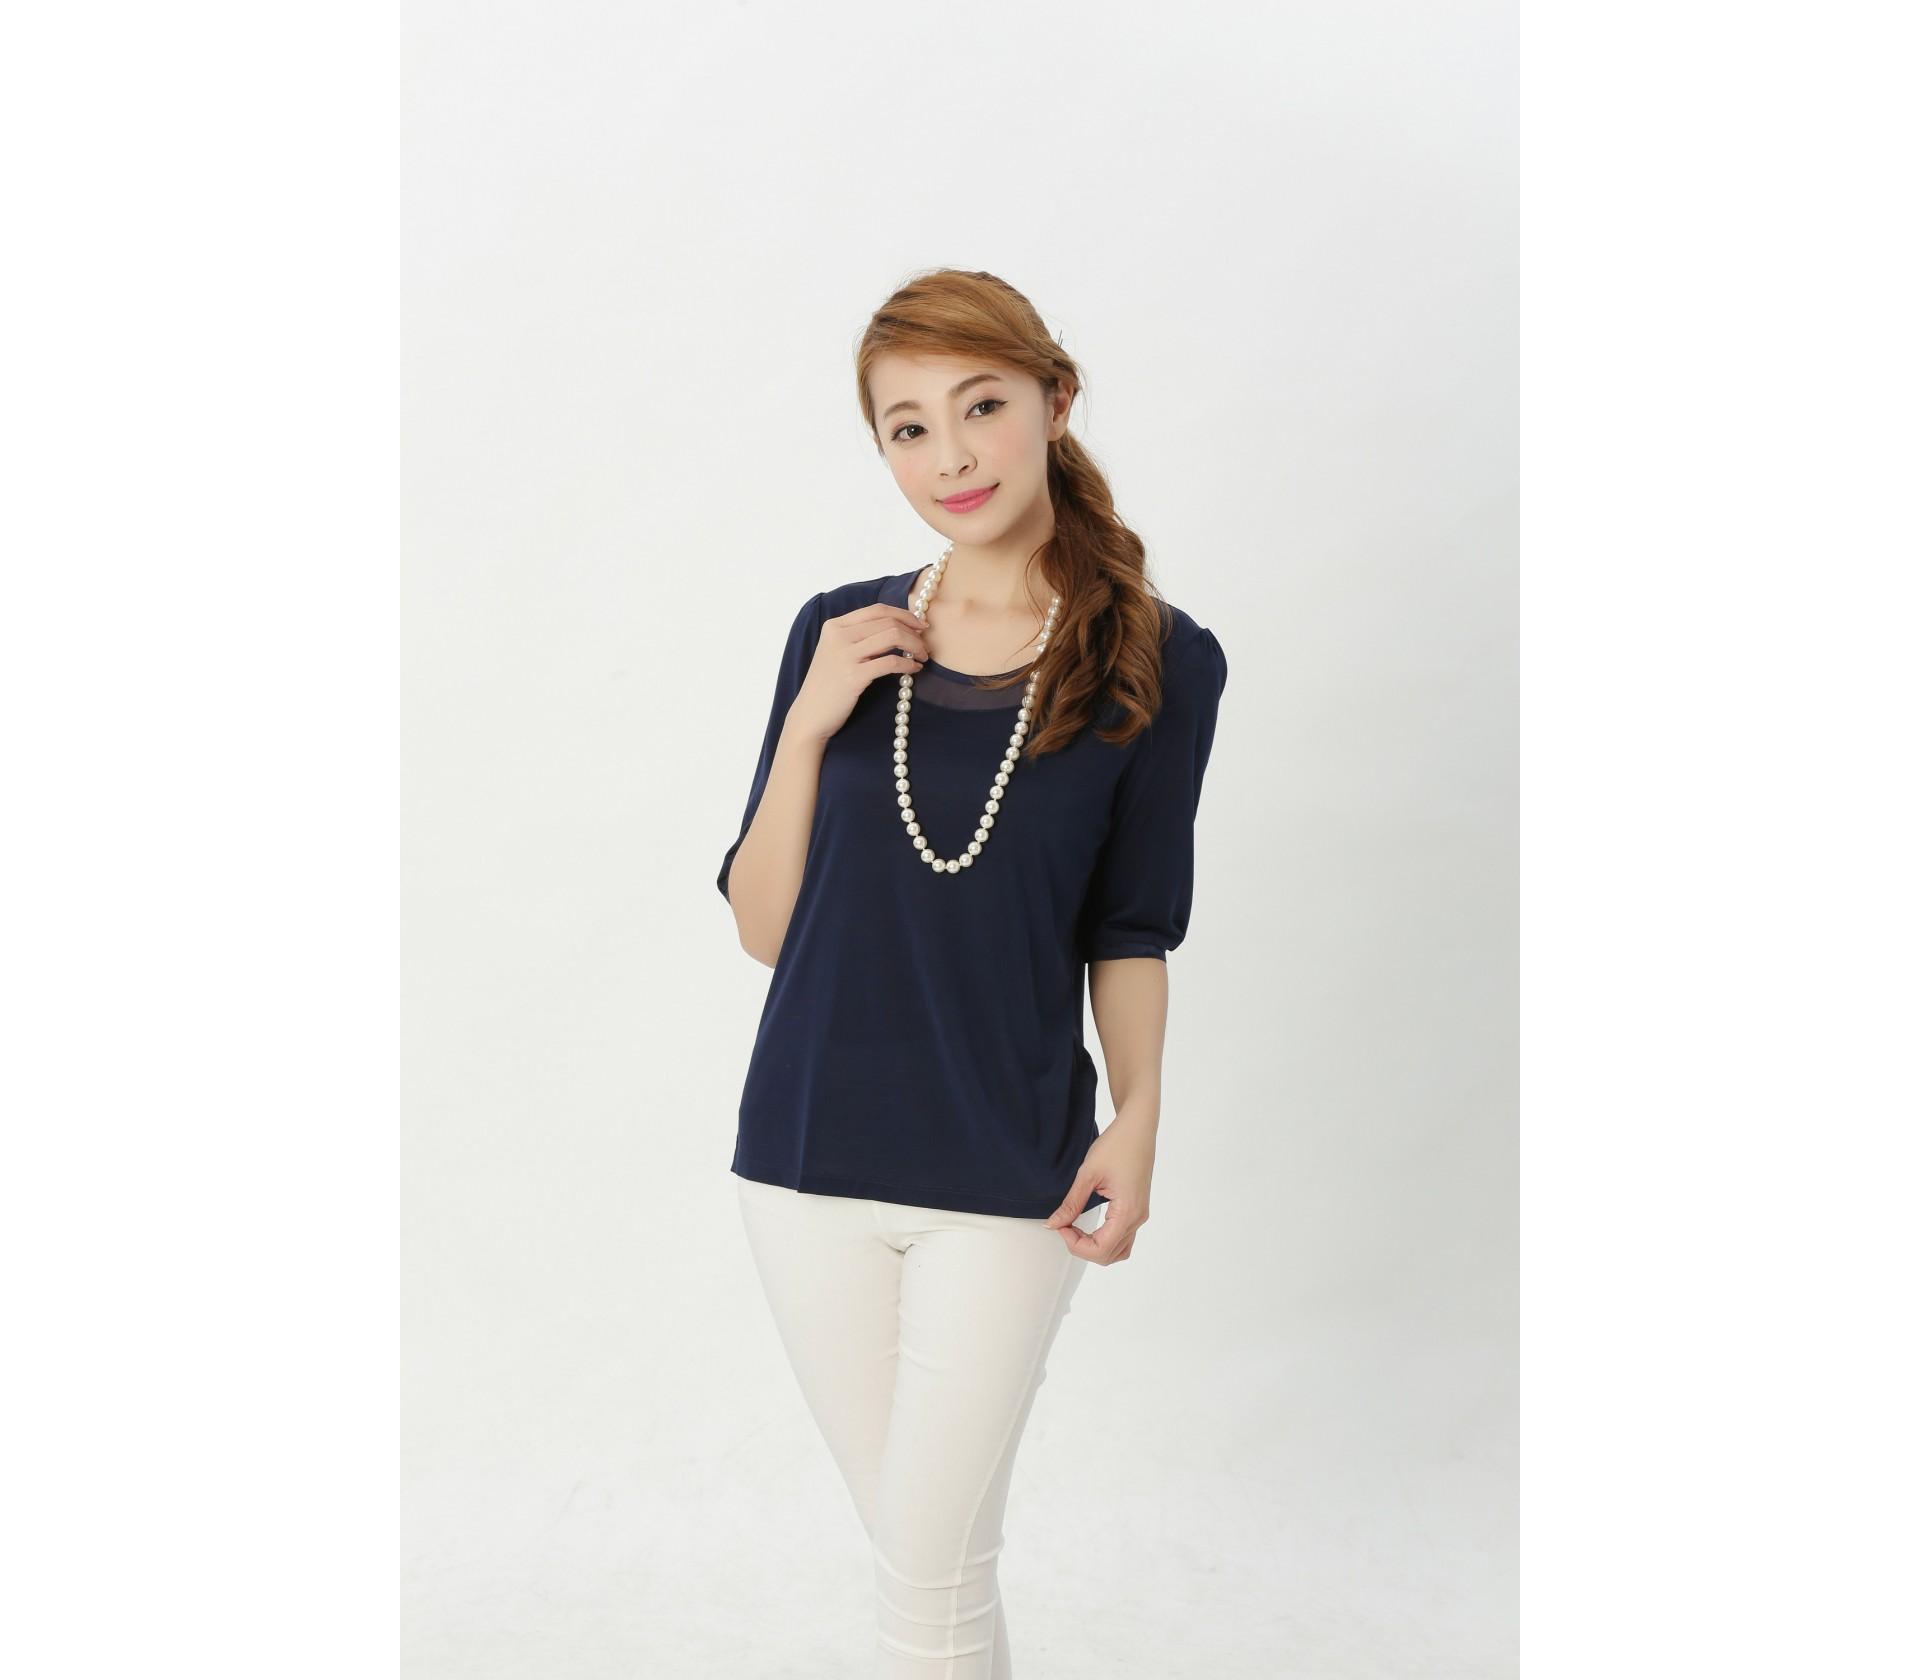 闕蘭絹典雅氣質100%蠶絲透氣上衣-917(藍)